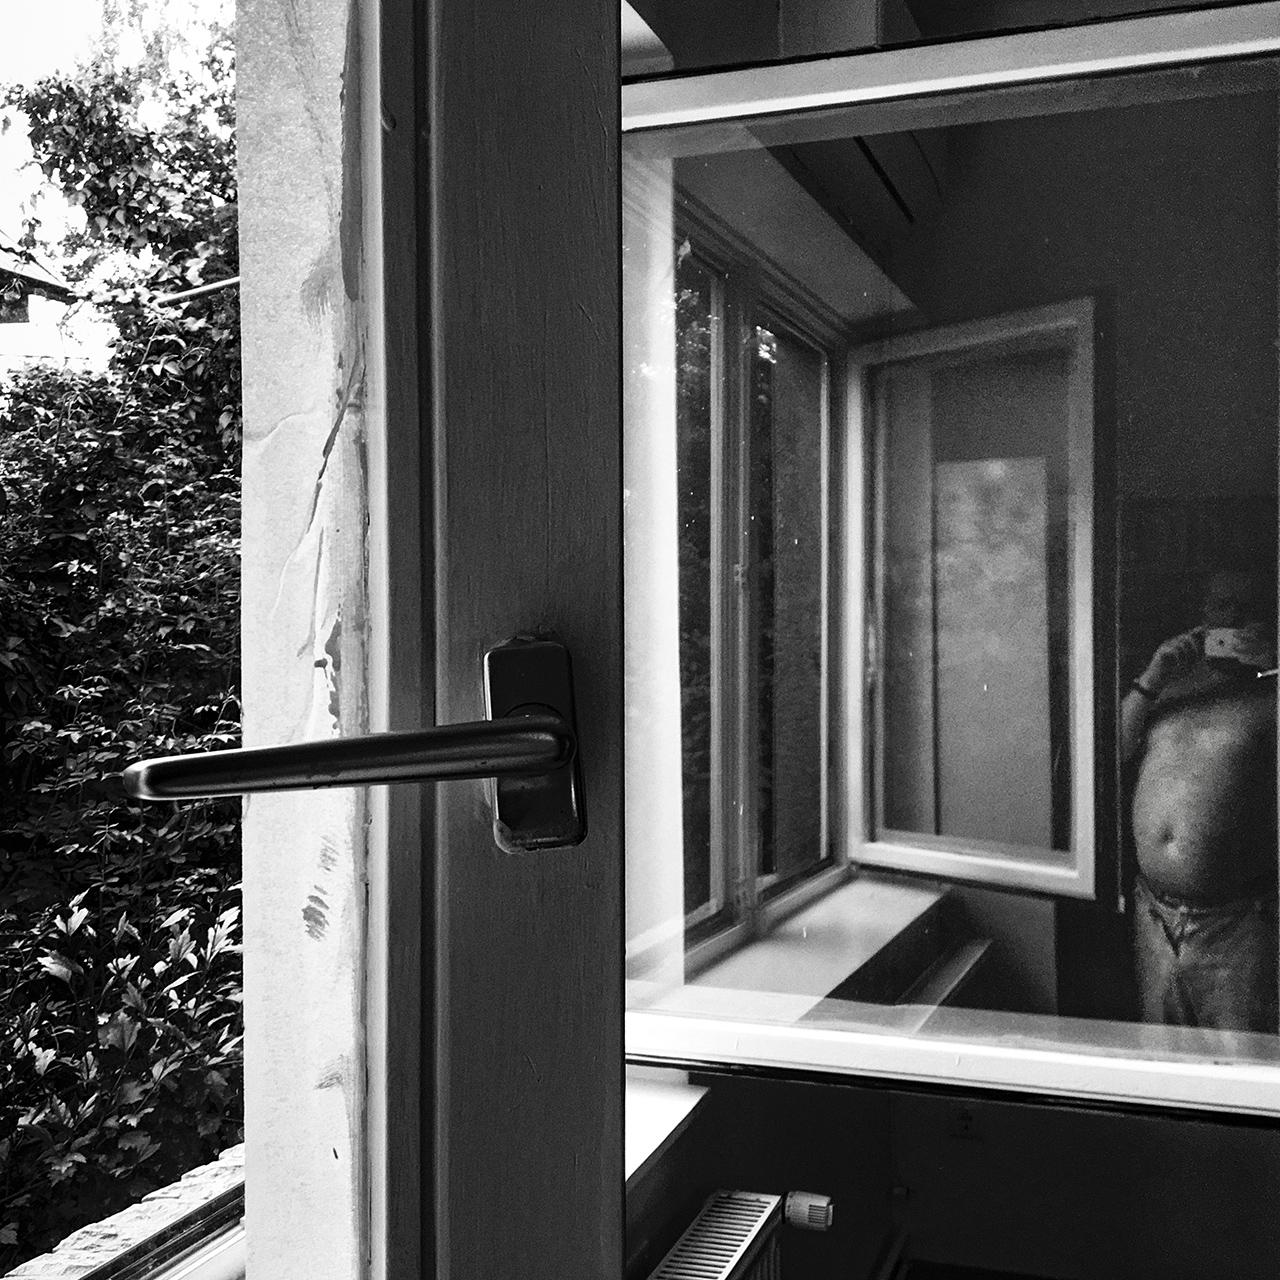 Mázolós önportré ablakkal